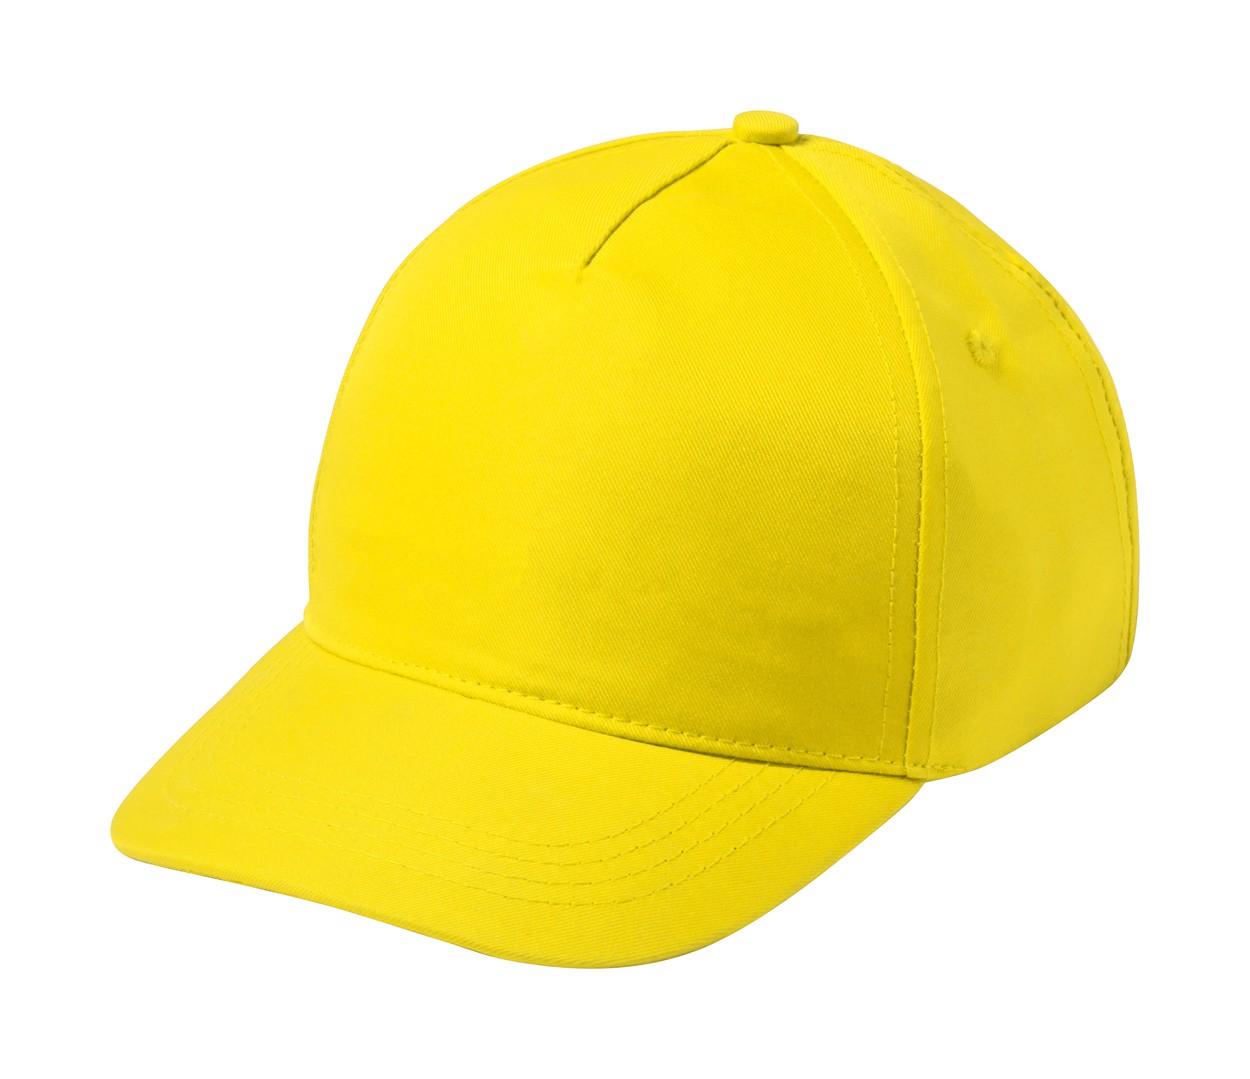 Baseballová Čepice Krox - Žlutá